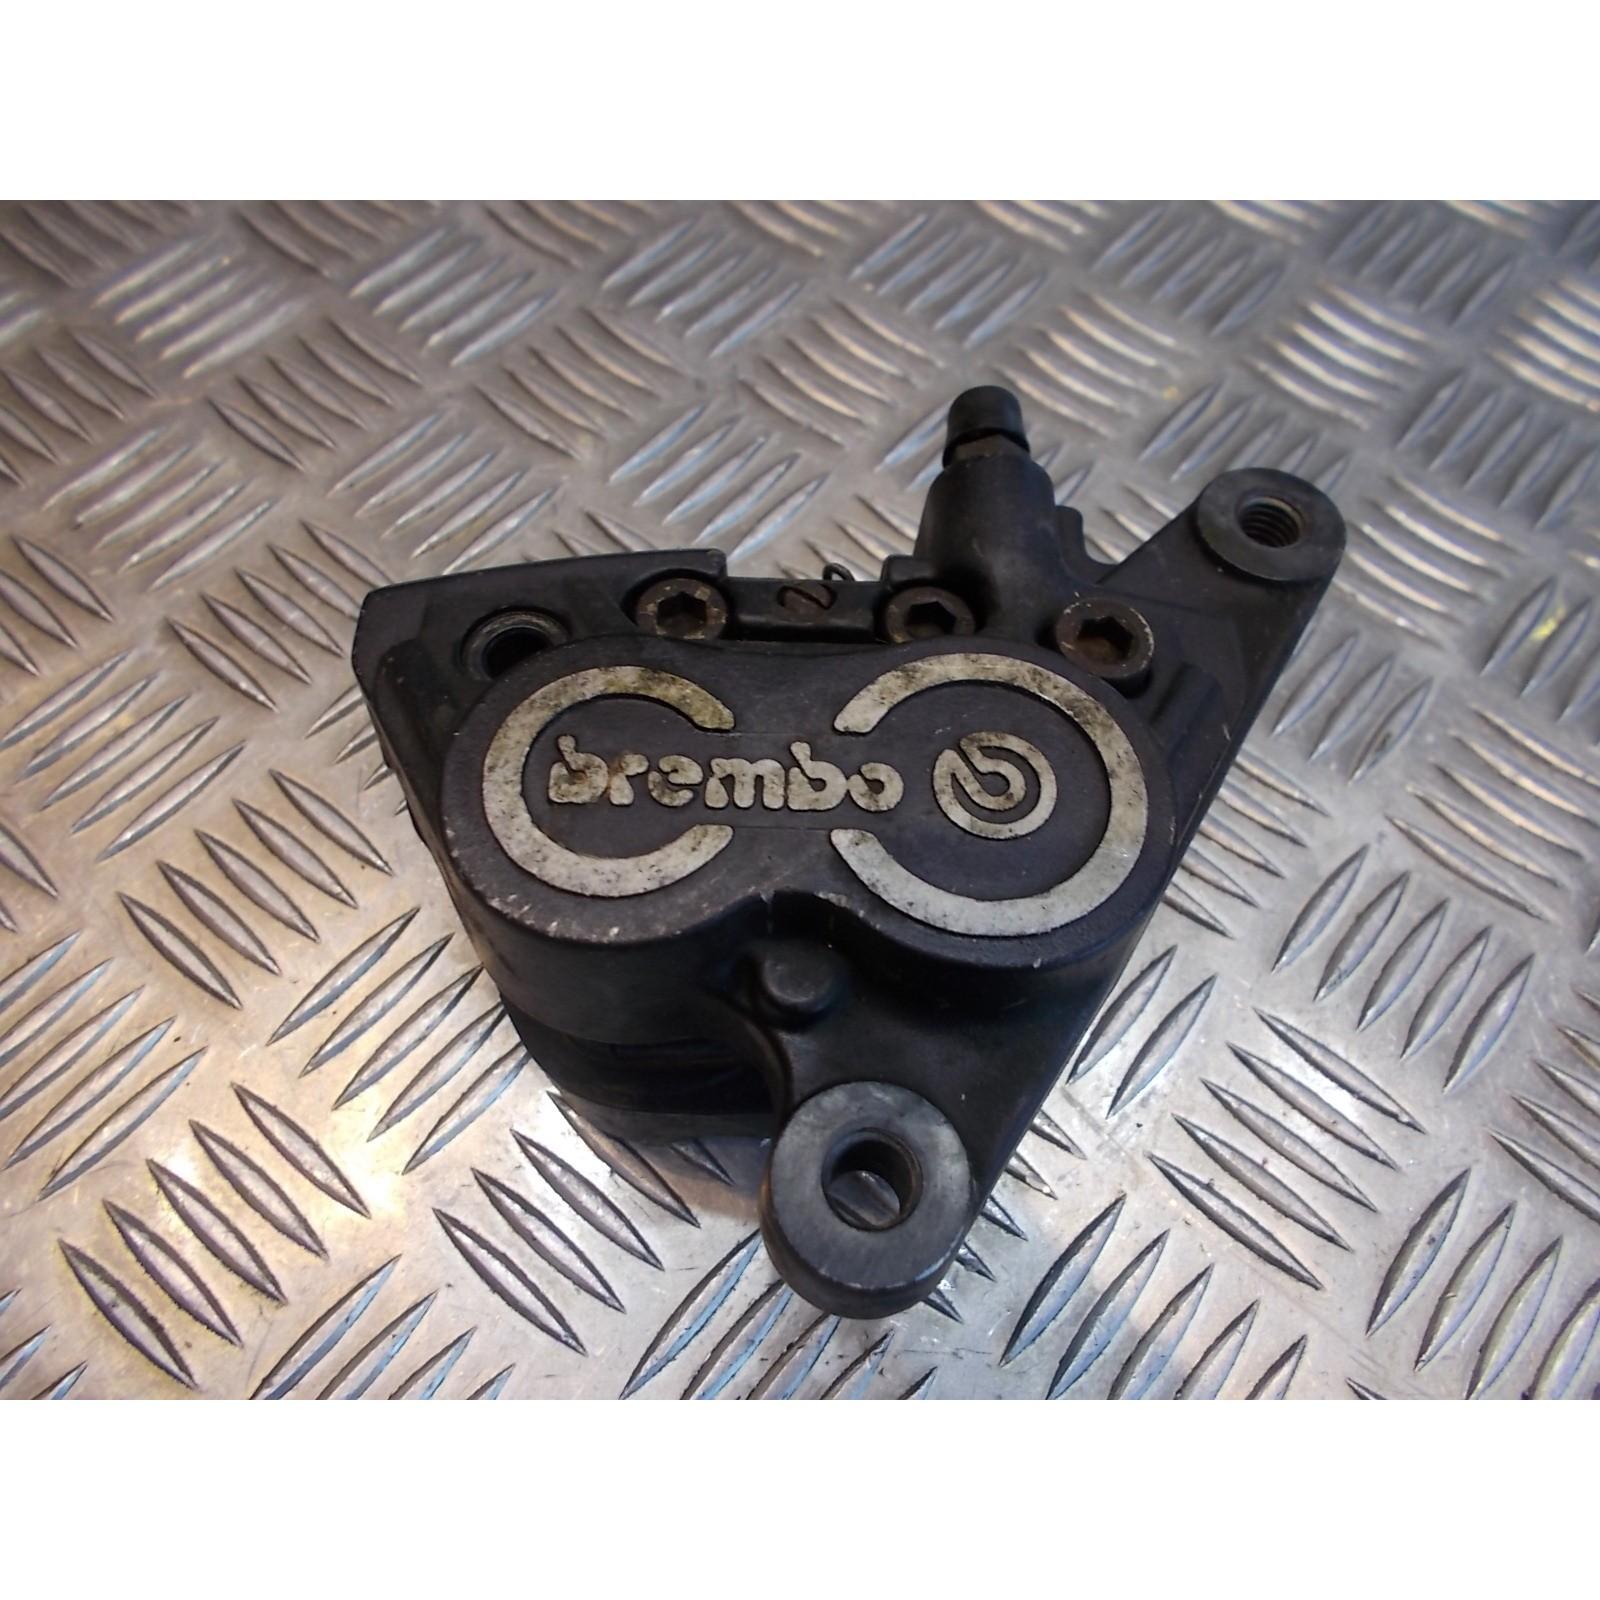 etrier frein avant droit moto bmw k 1200 lt wb10545a 1999 - 03